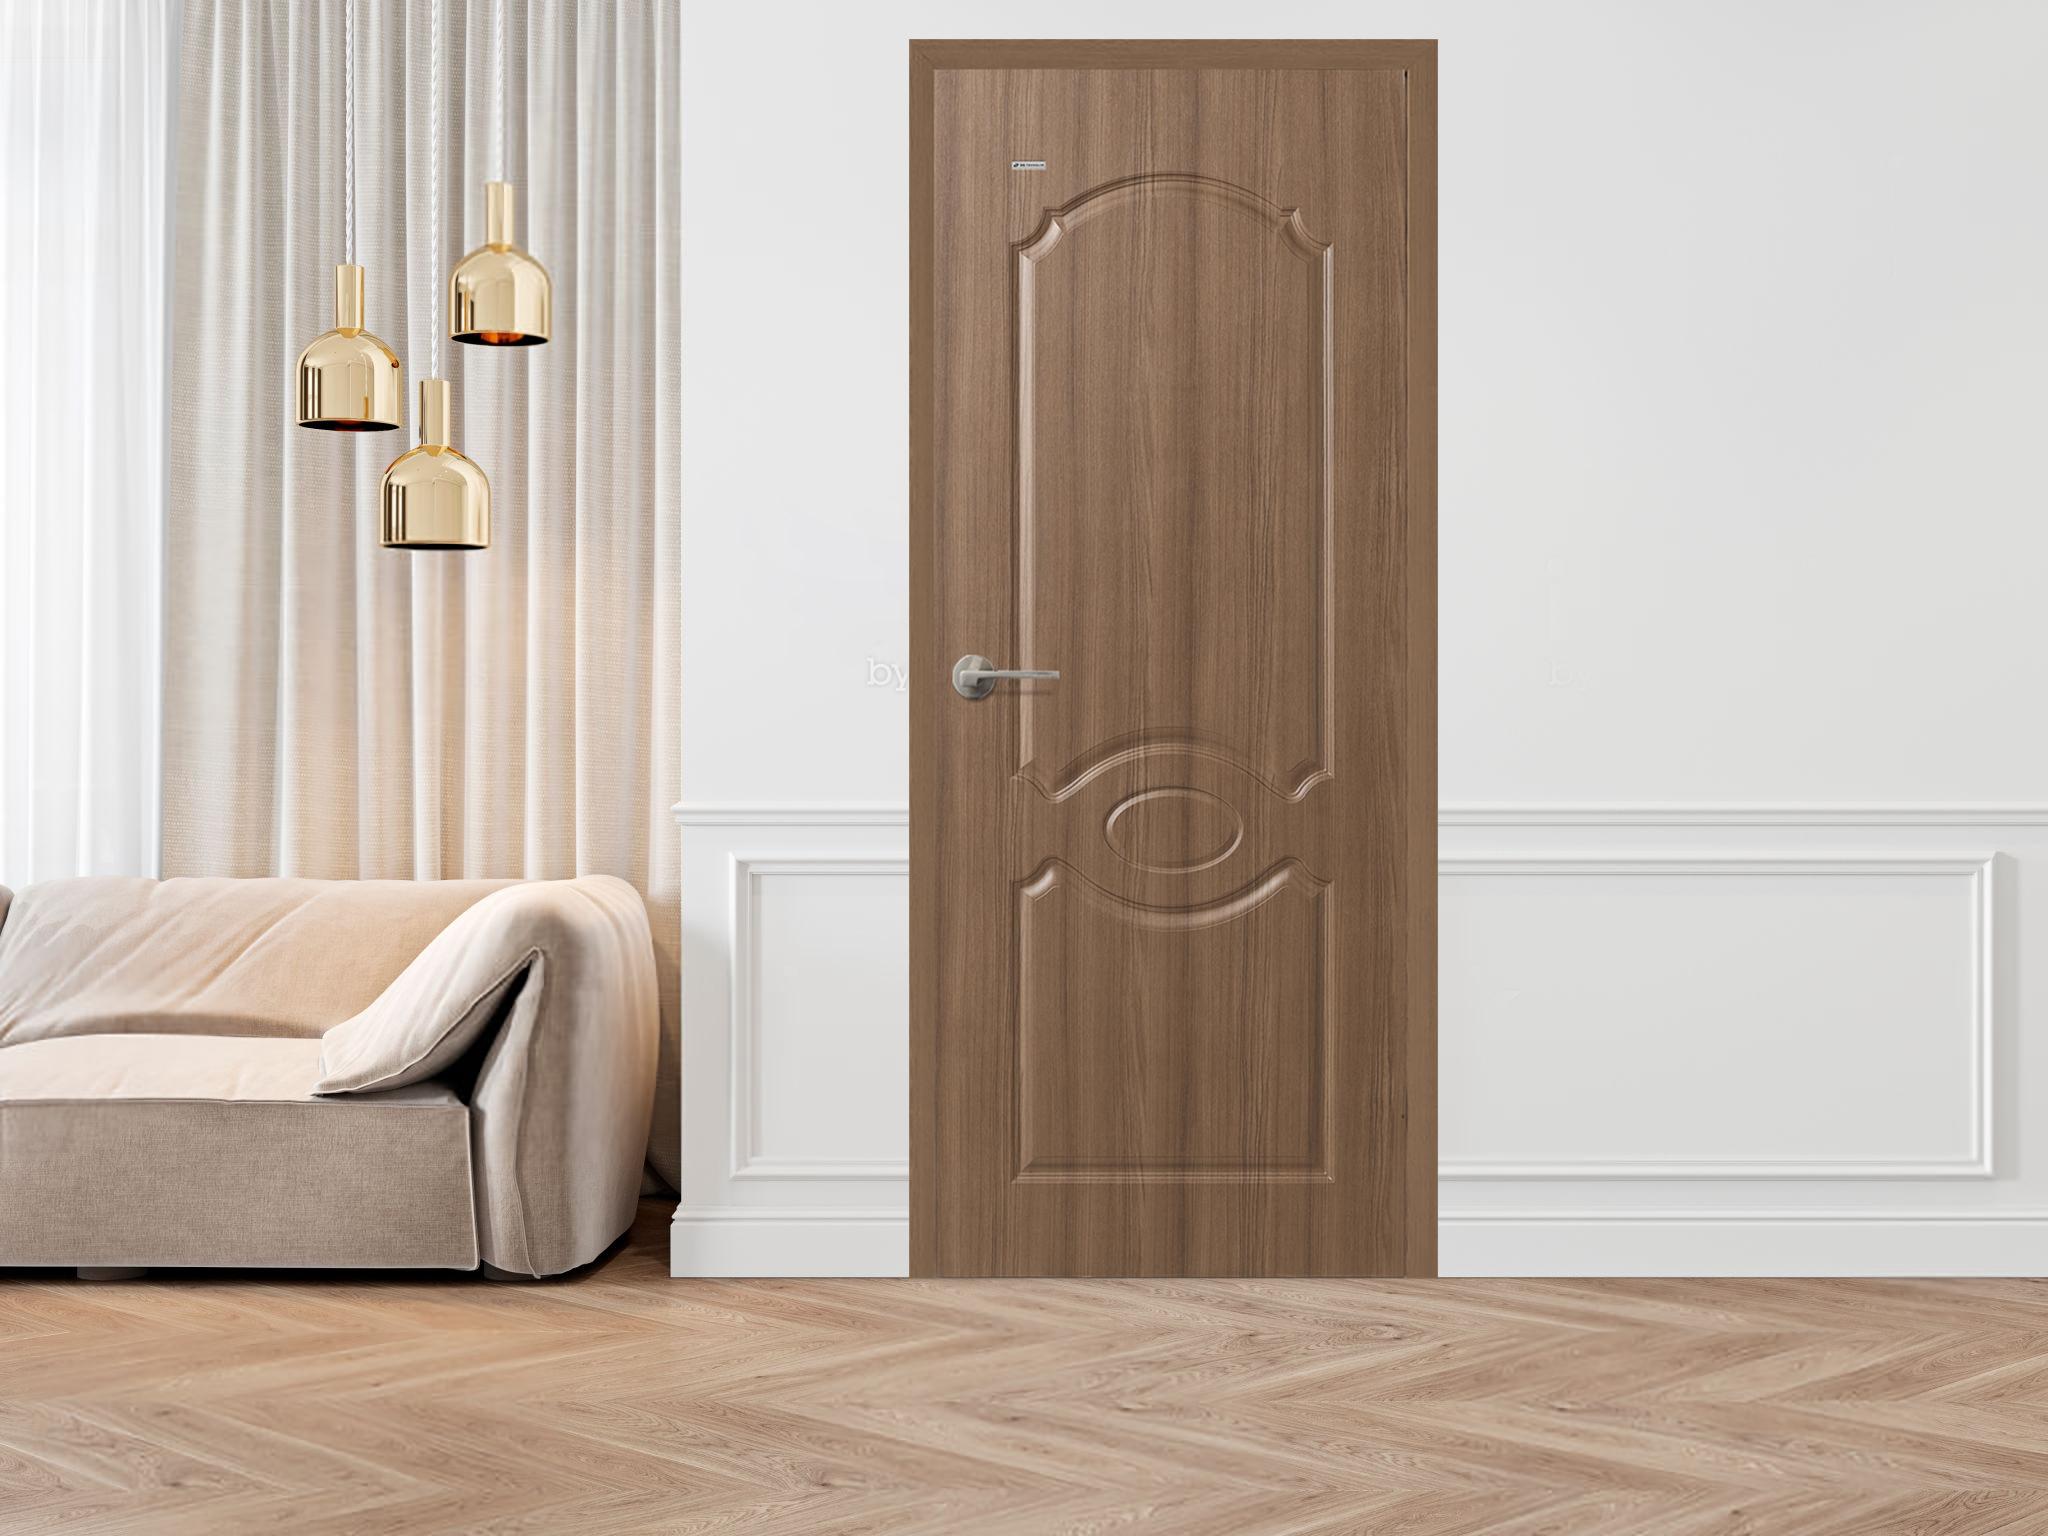 Lựa chọn cửa chính và cửa thông phòng phù hợp